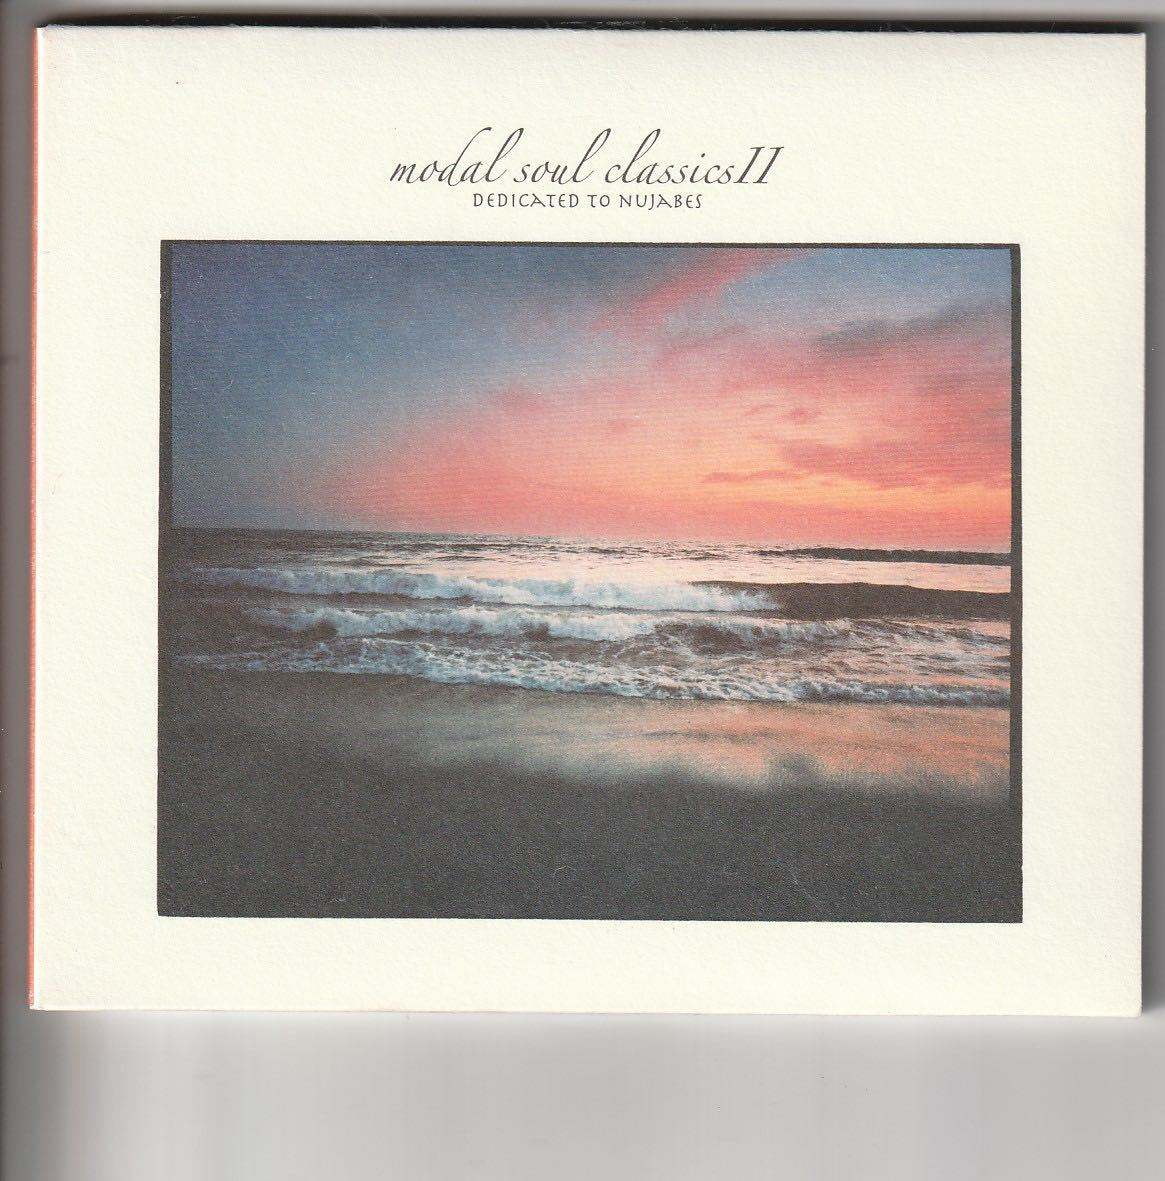 アルバム!Nujabes [modal soul classics II -dedicated to...Nujabes-]